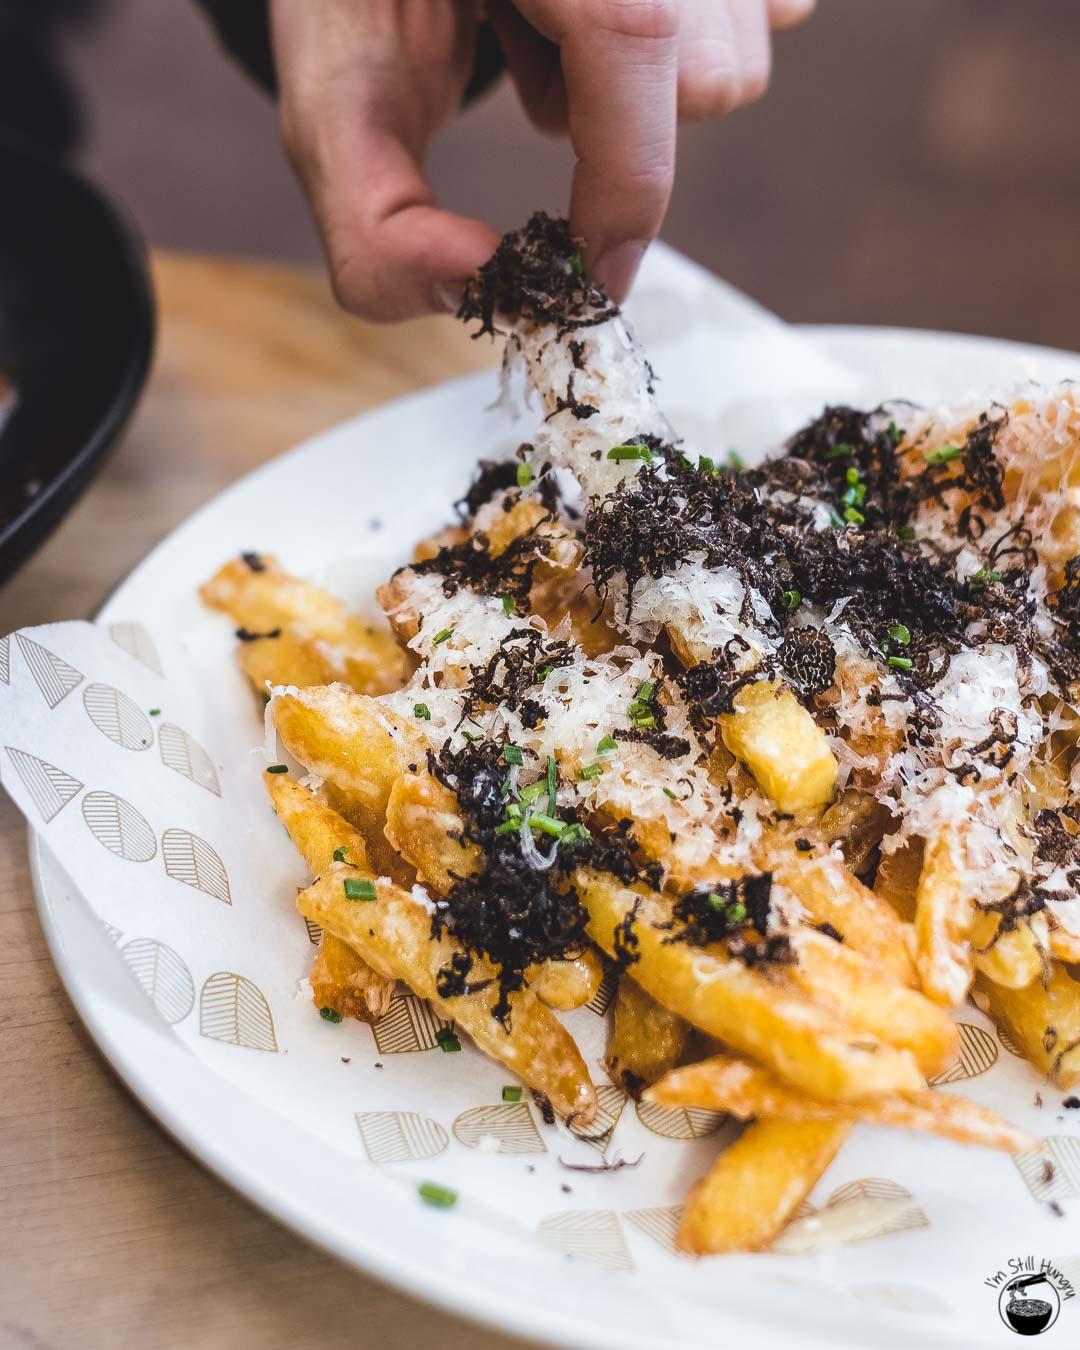 Devon Cafe Surry Hills Devon super fries: super crunch fries, cheese sauce, truffle oil, shaved WA truffle